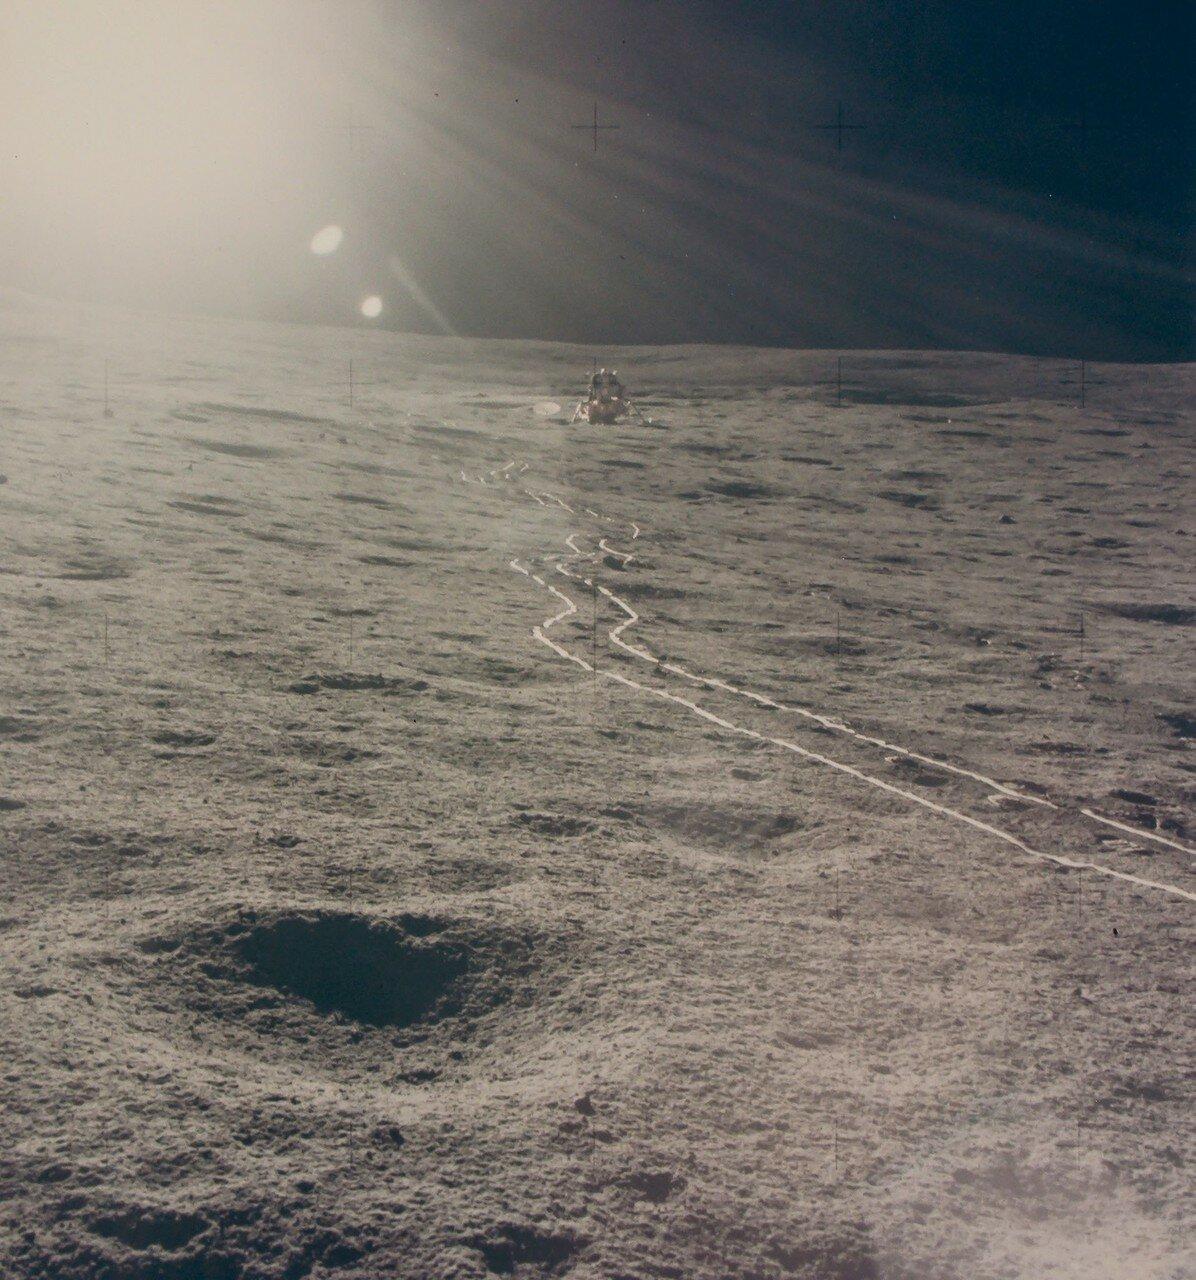 Лунный модуль опустился на площадку с уклоном 8 градусов (при уклоне более 15 градусов астронавтам запрещён спуск по лестнице на поверхность Луны, при уклоне более 42 градусов старт с Луны невозможен). На снимке: Место посадки Фра Мауро в солнечном свете